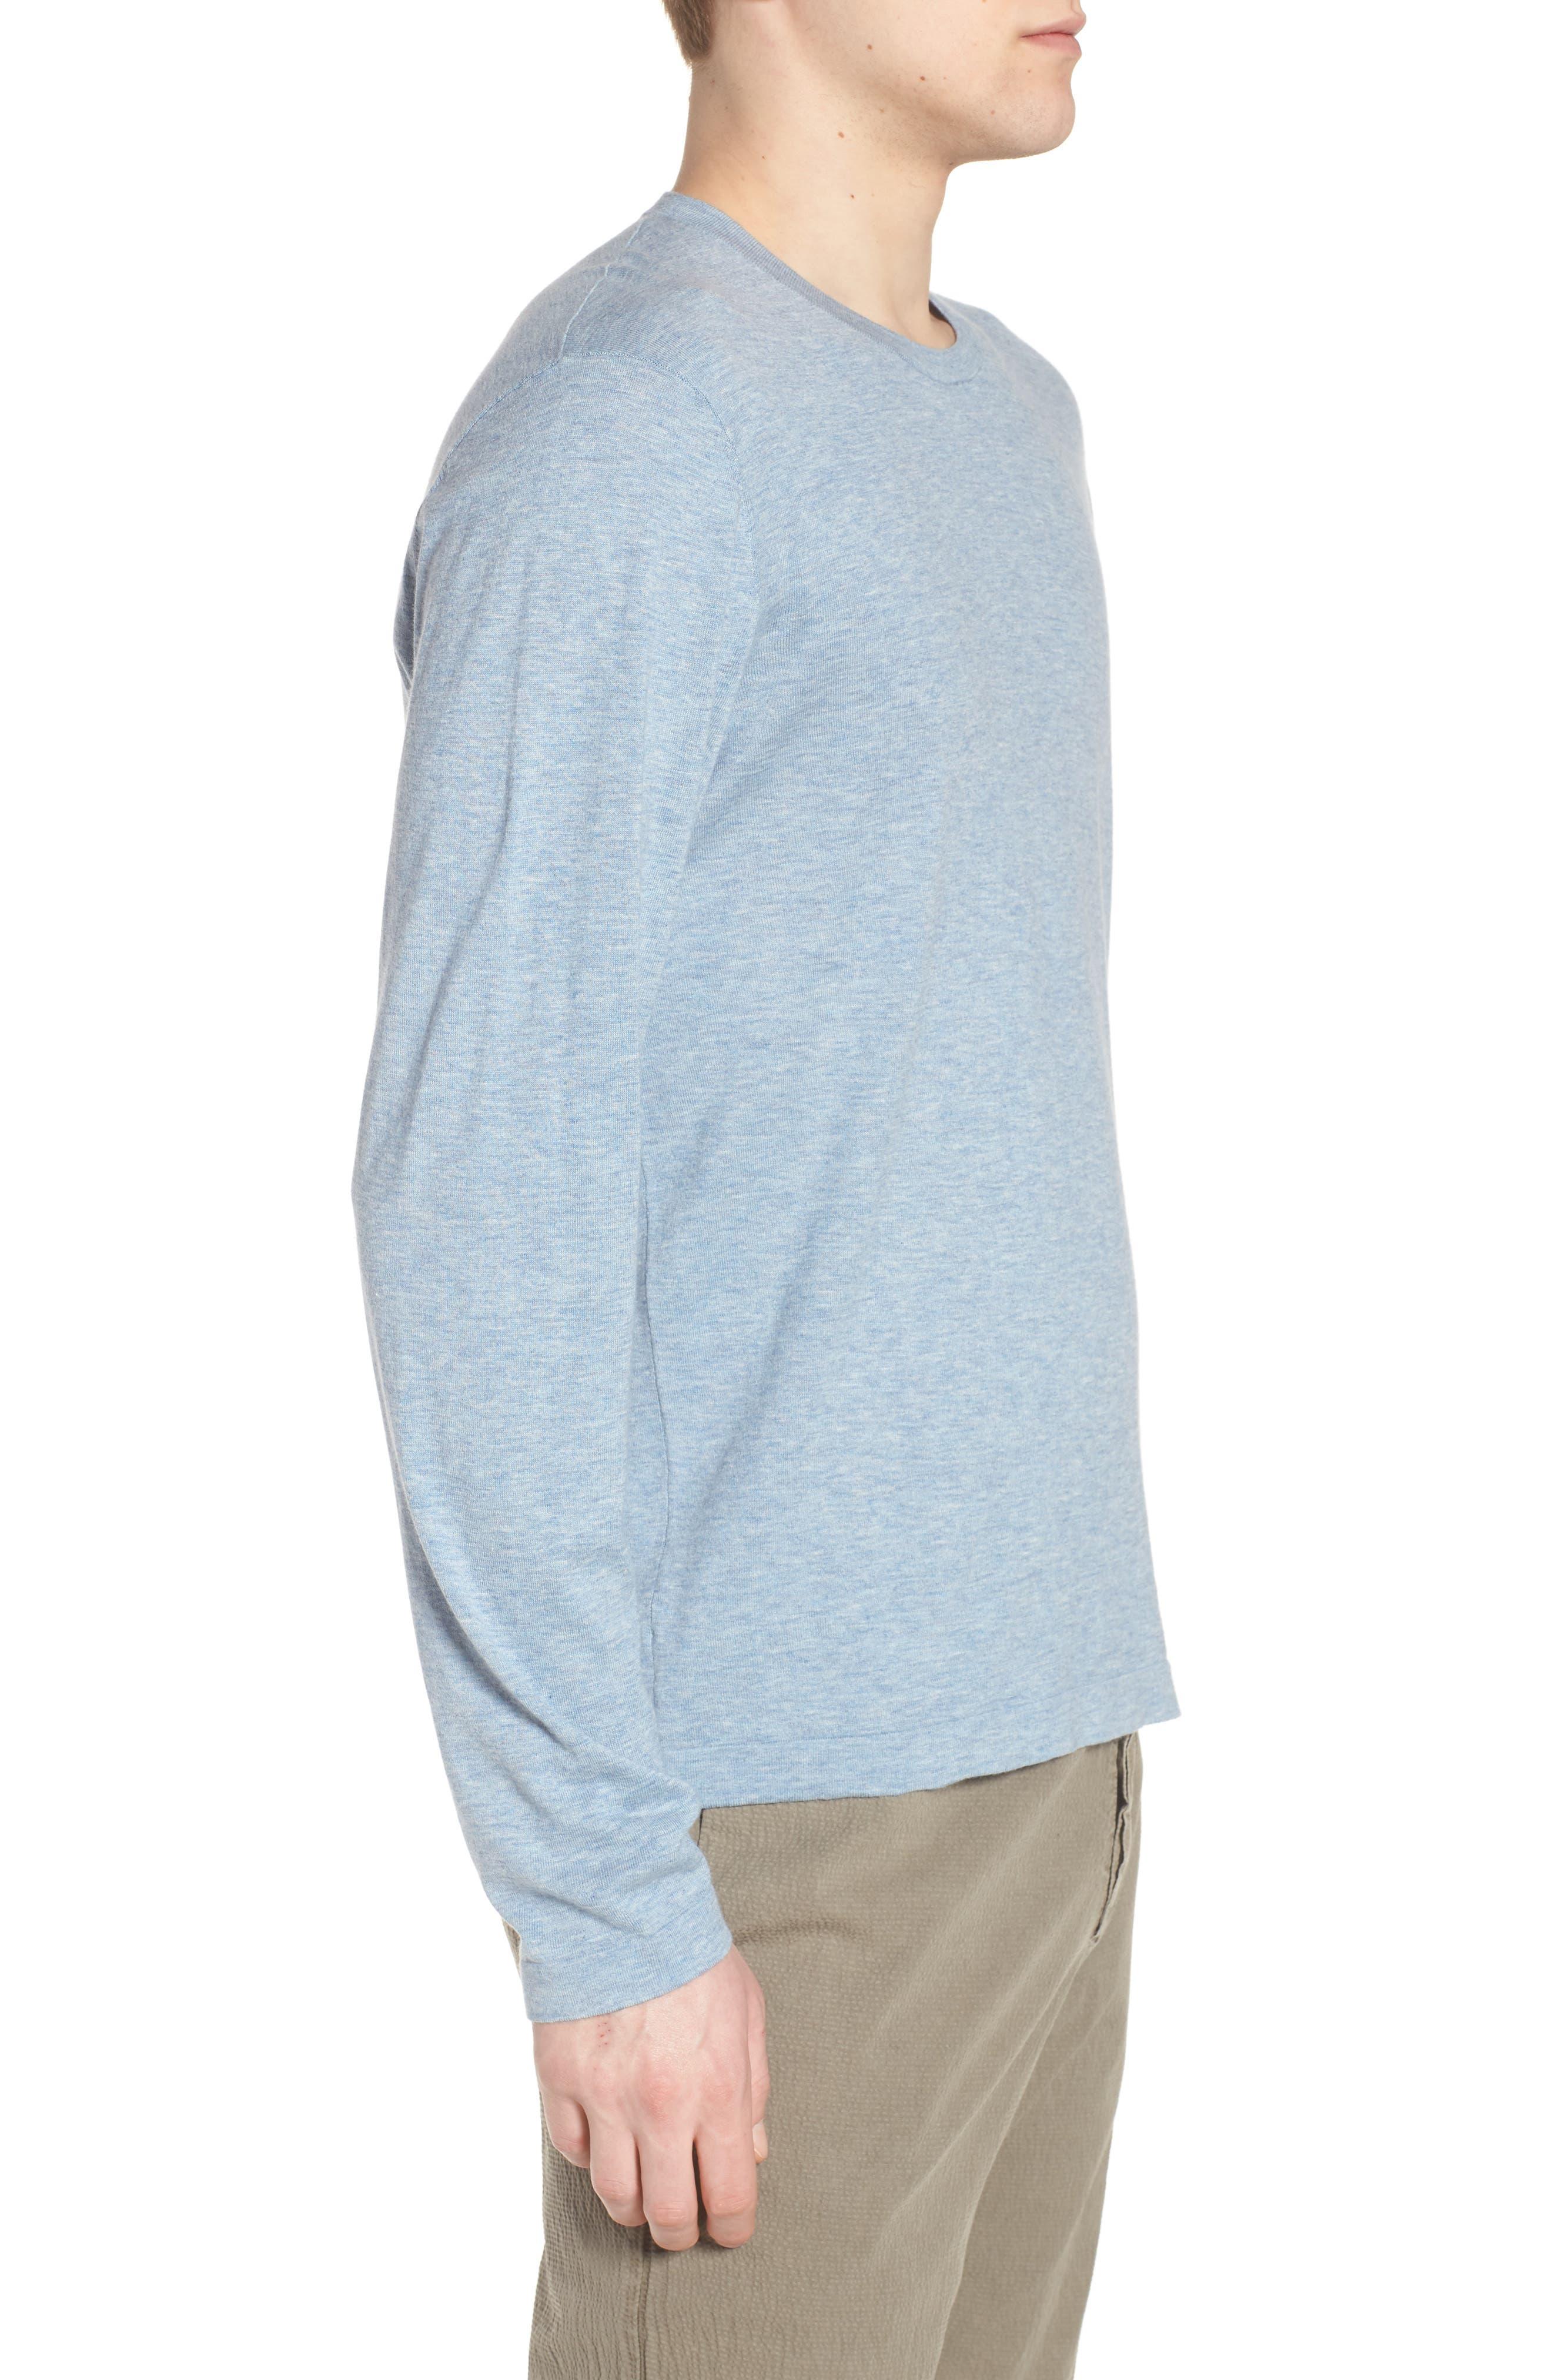 Fine Gauge Crewneck Sweater,                             Alternate thumbnail 3, color,                             Heather Sky Blue